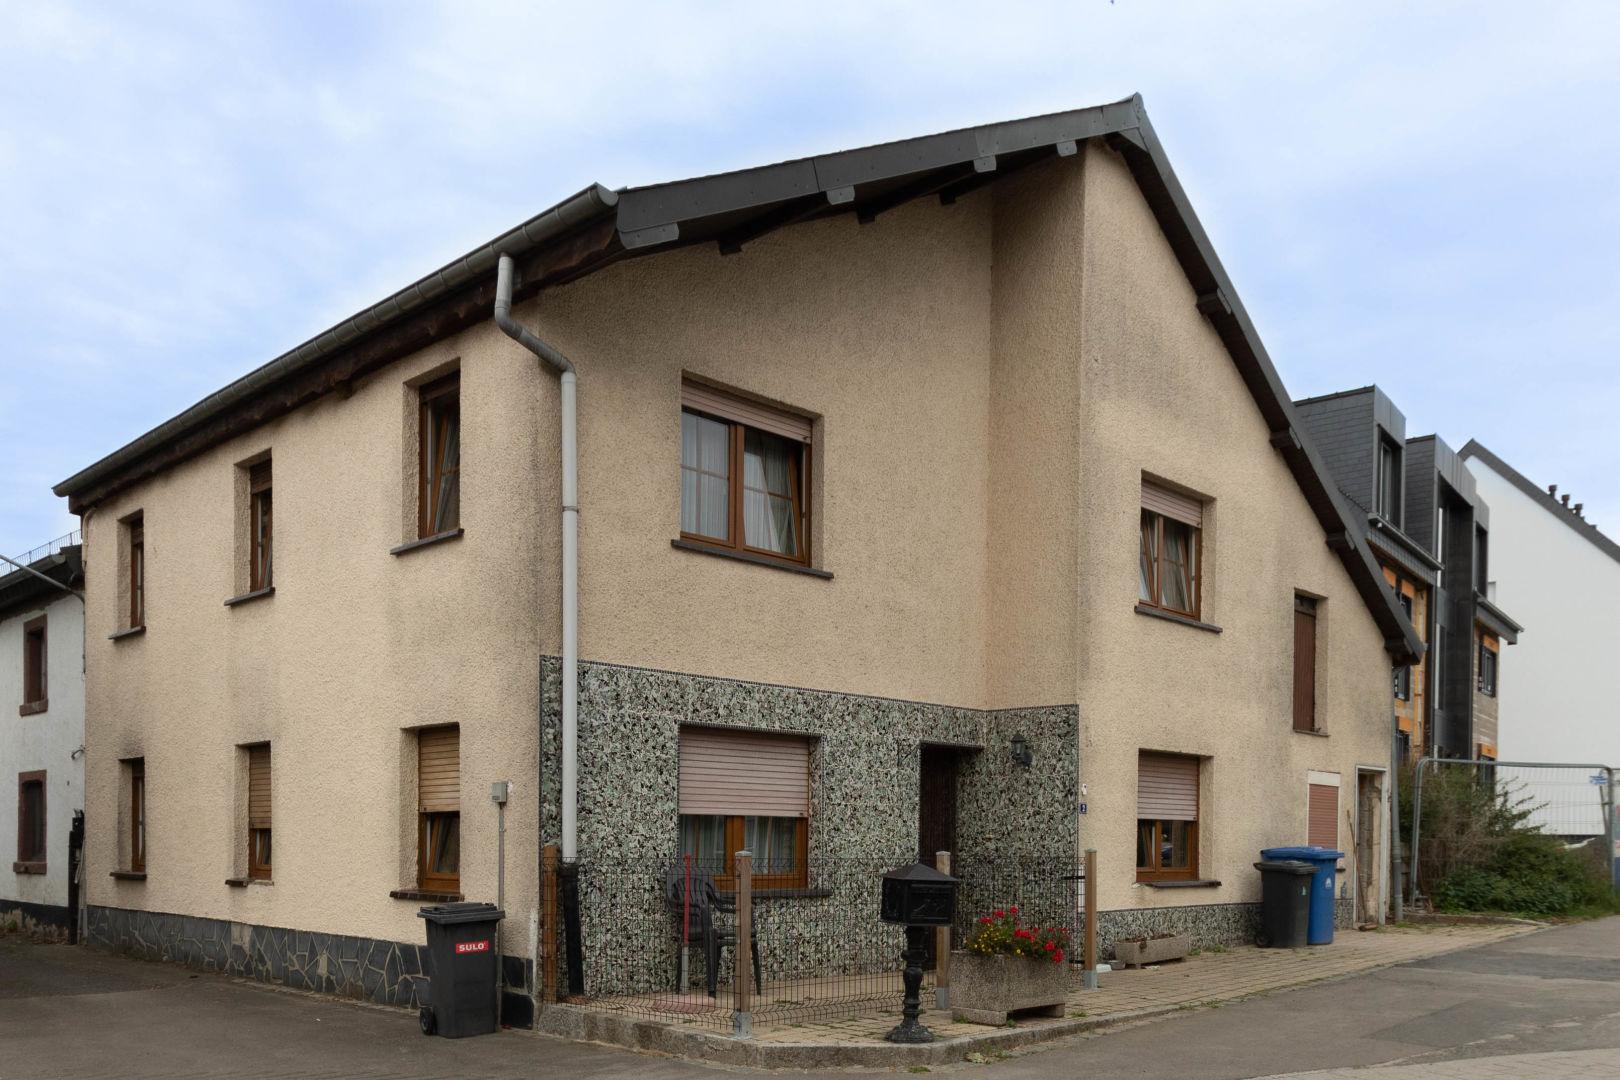 Haus in Hupperdange